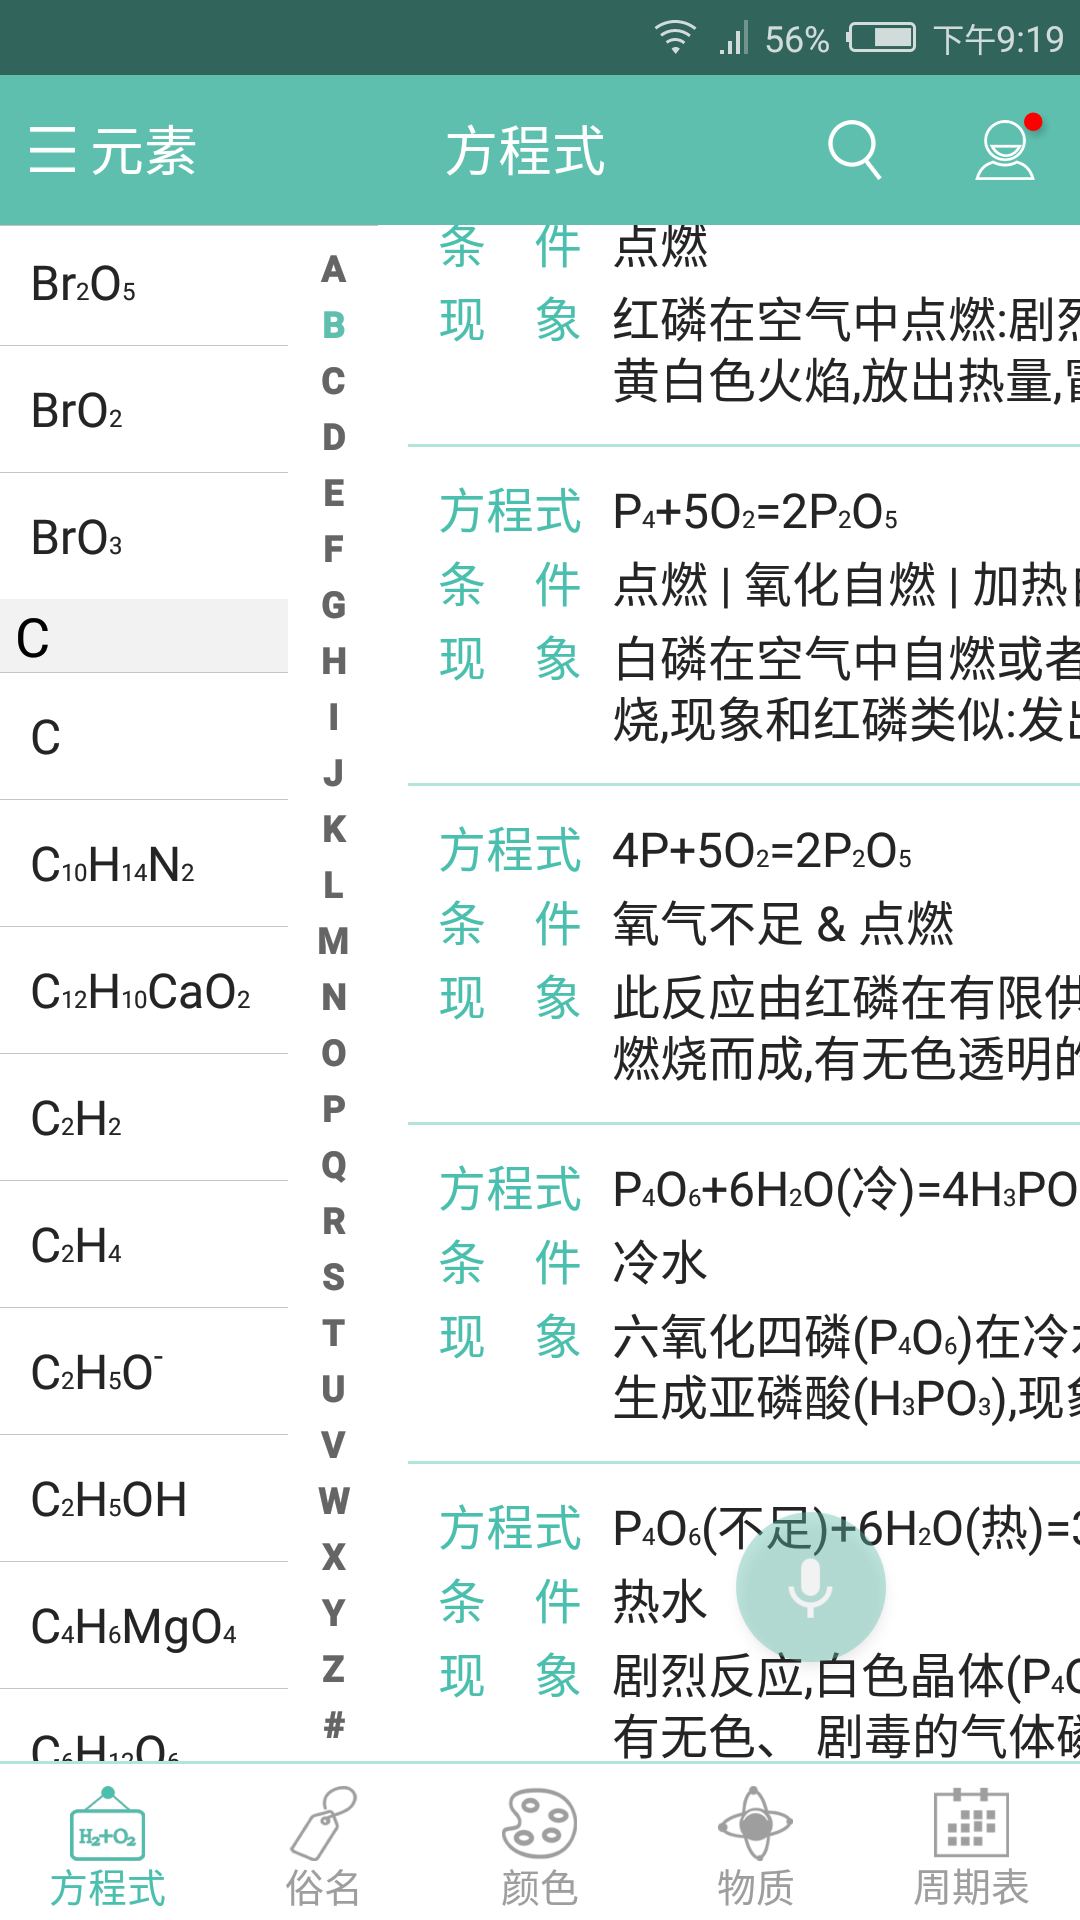 【分享】化学方程式 祝金榜题名-爱小助